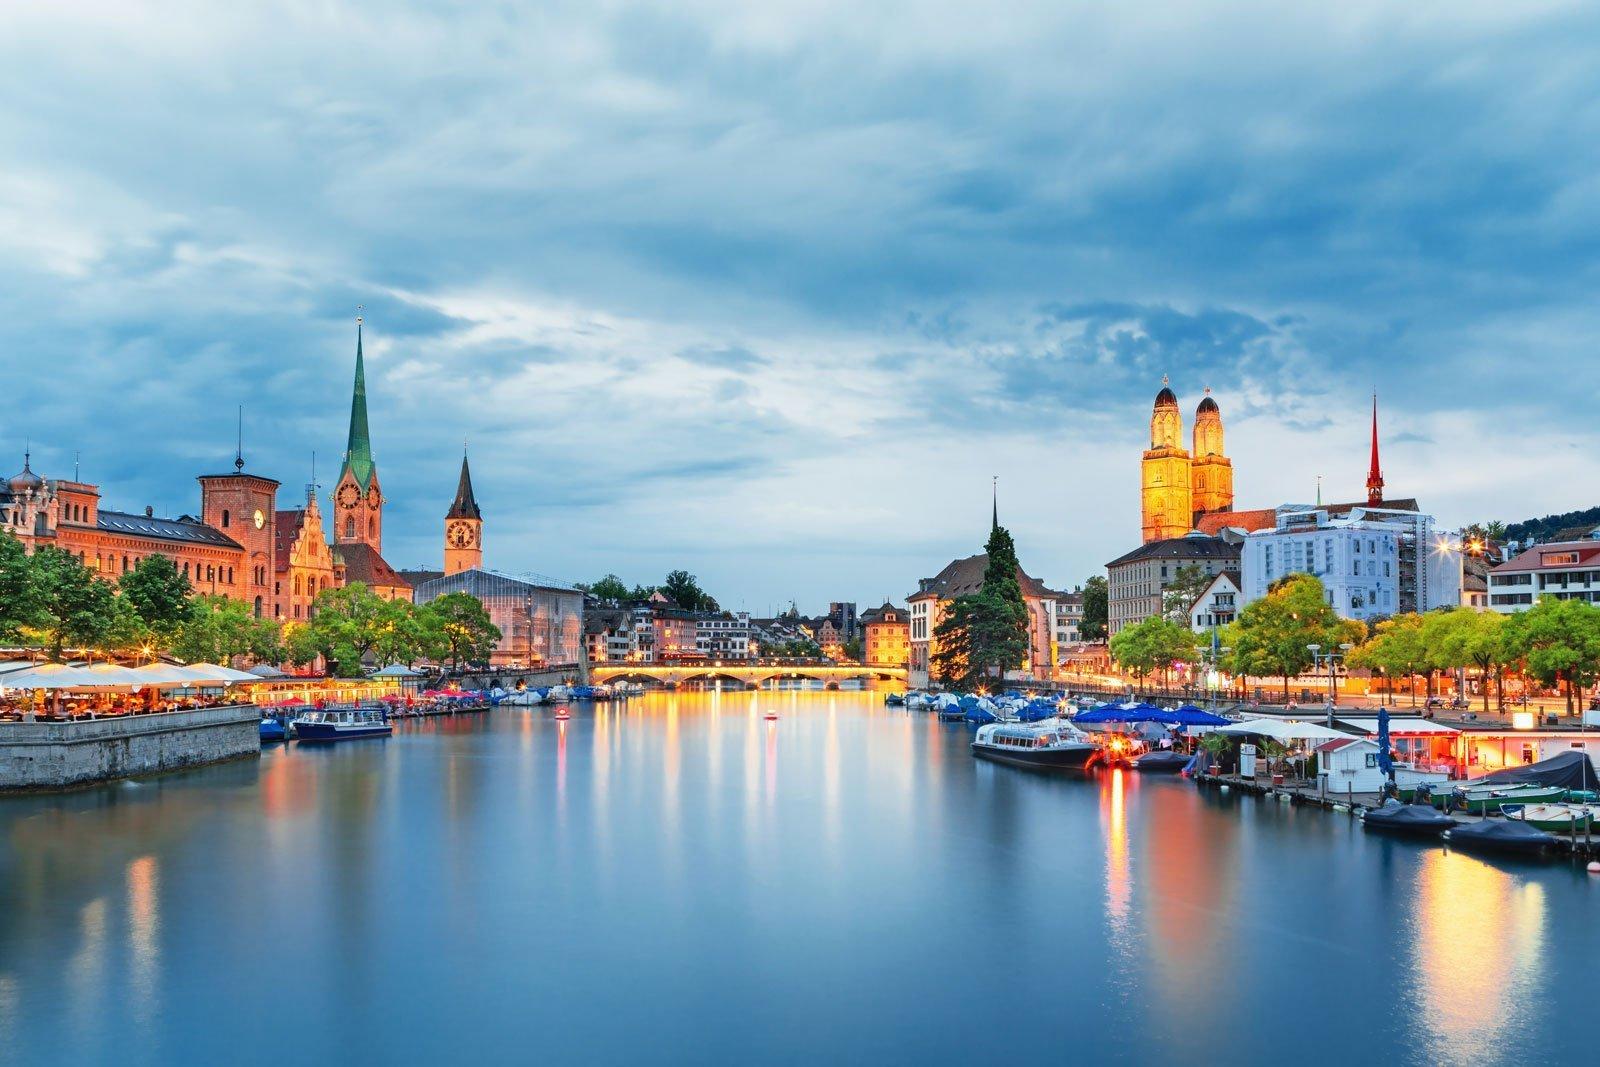 Zürih şehir Fotoğrafı